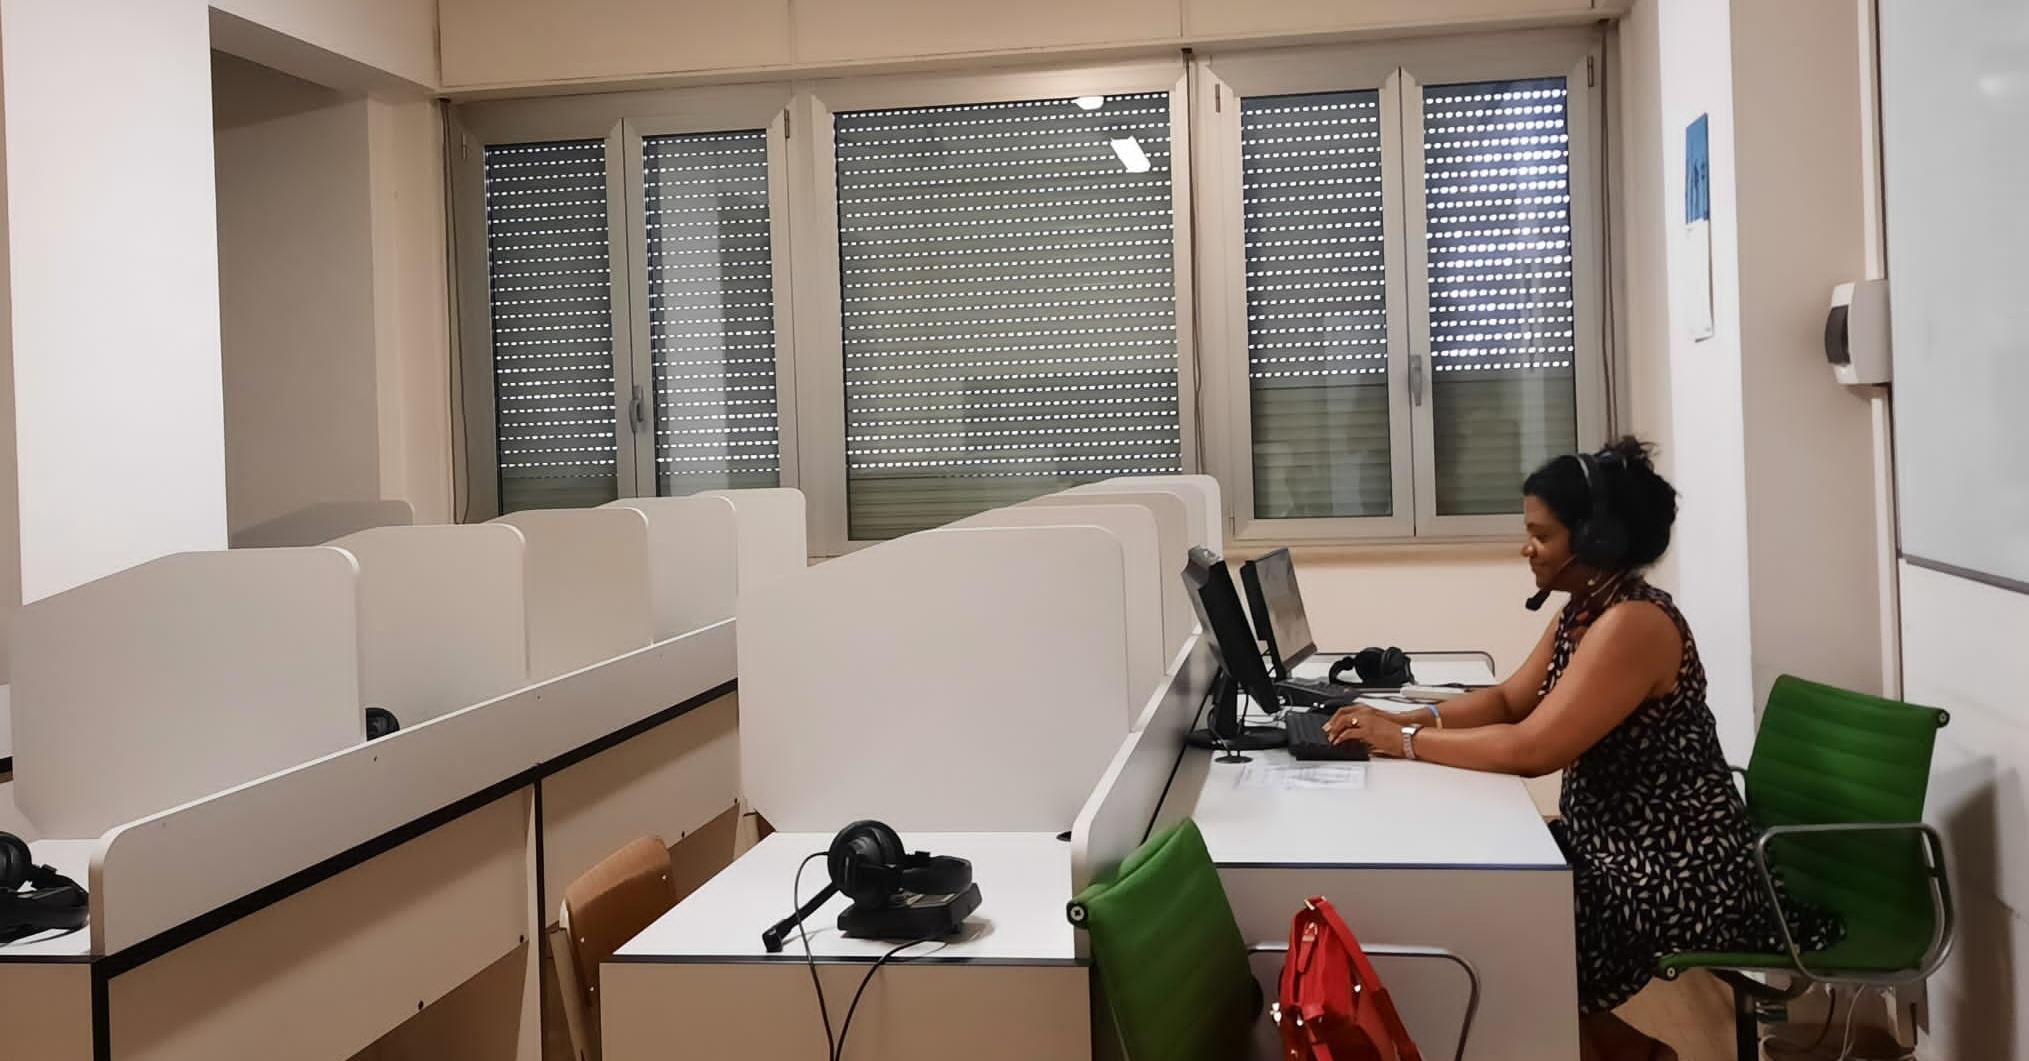 Mediazione Linguistica Perugia Nordra Italie